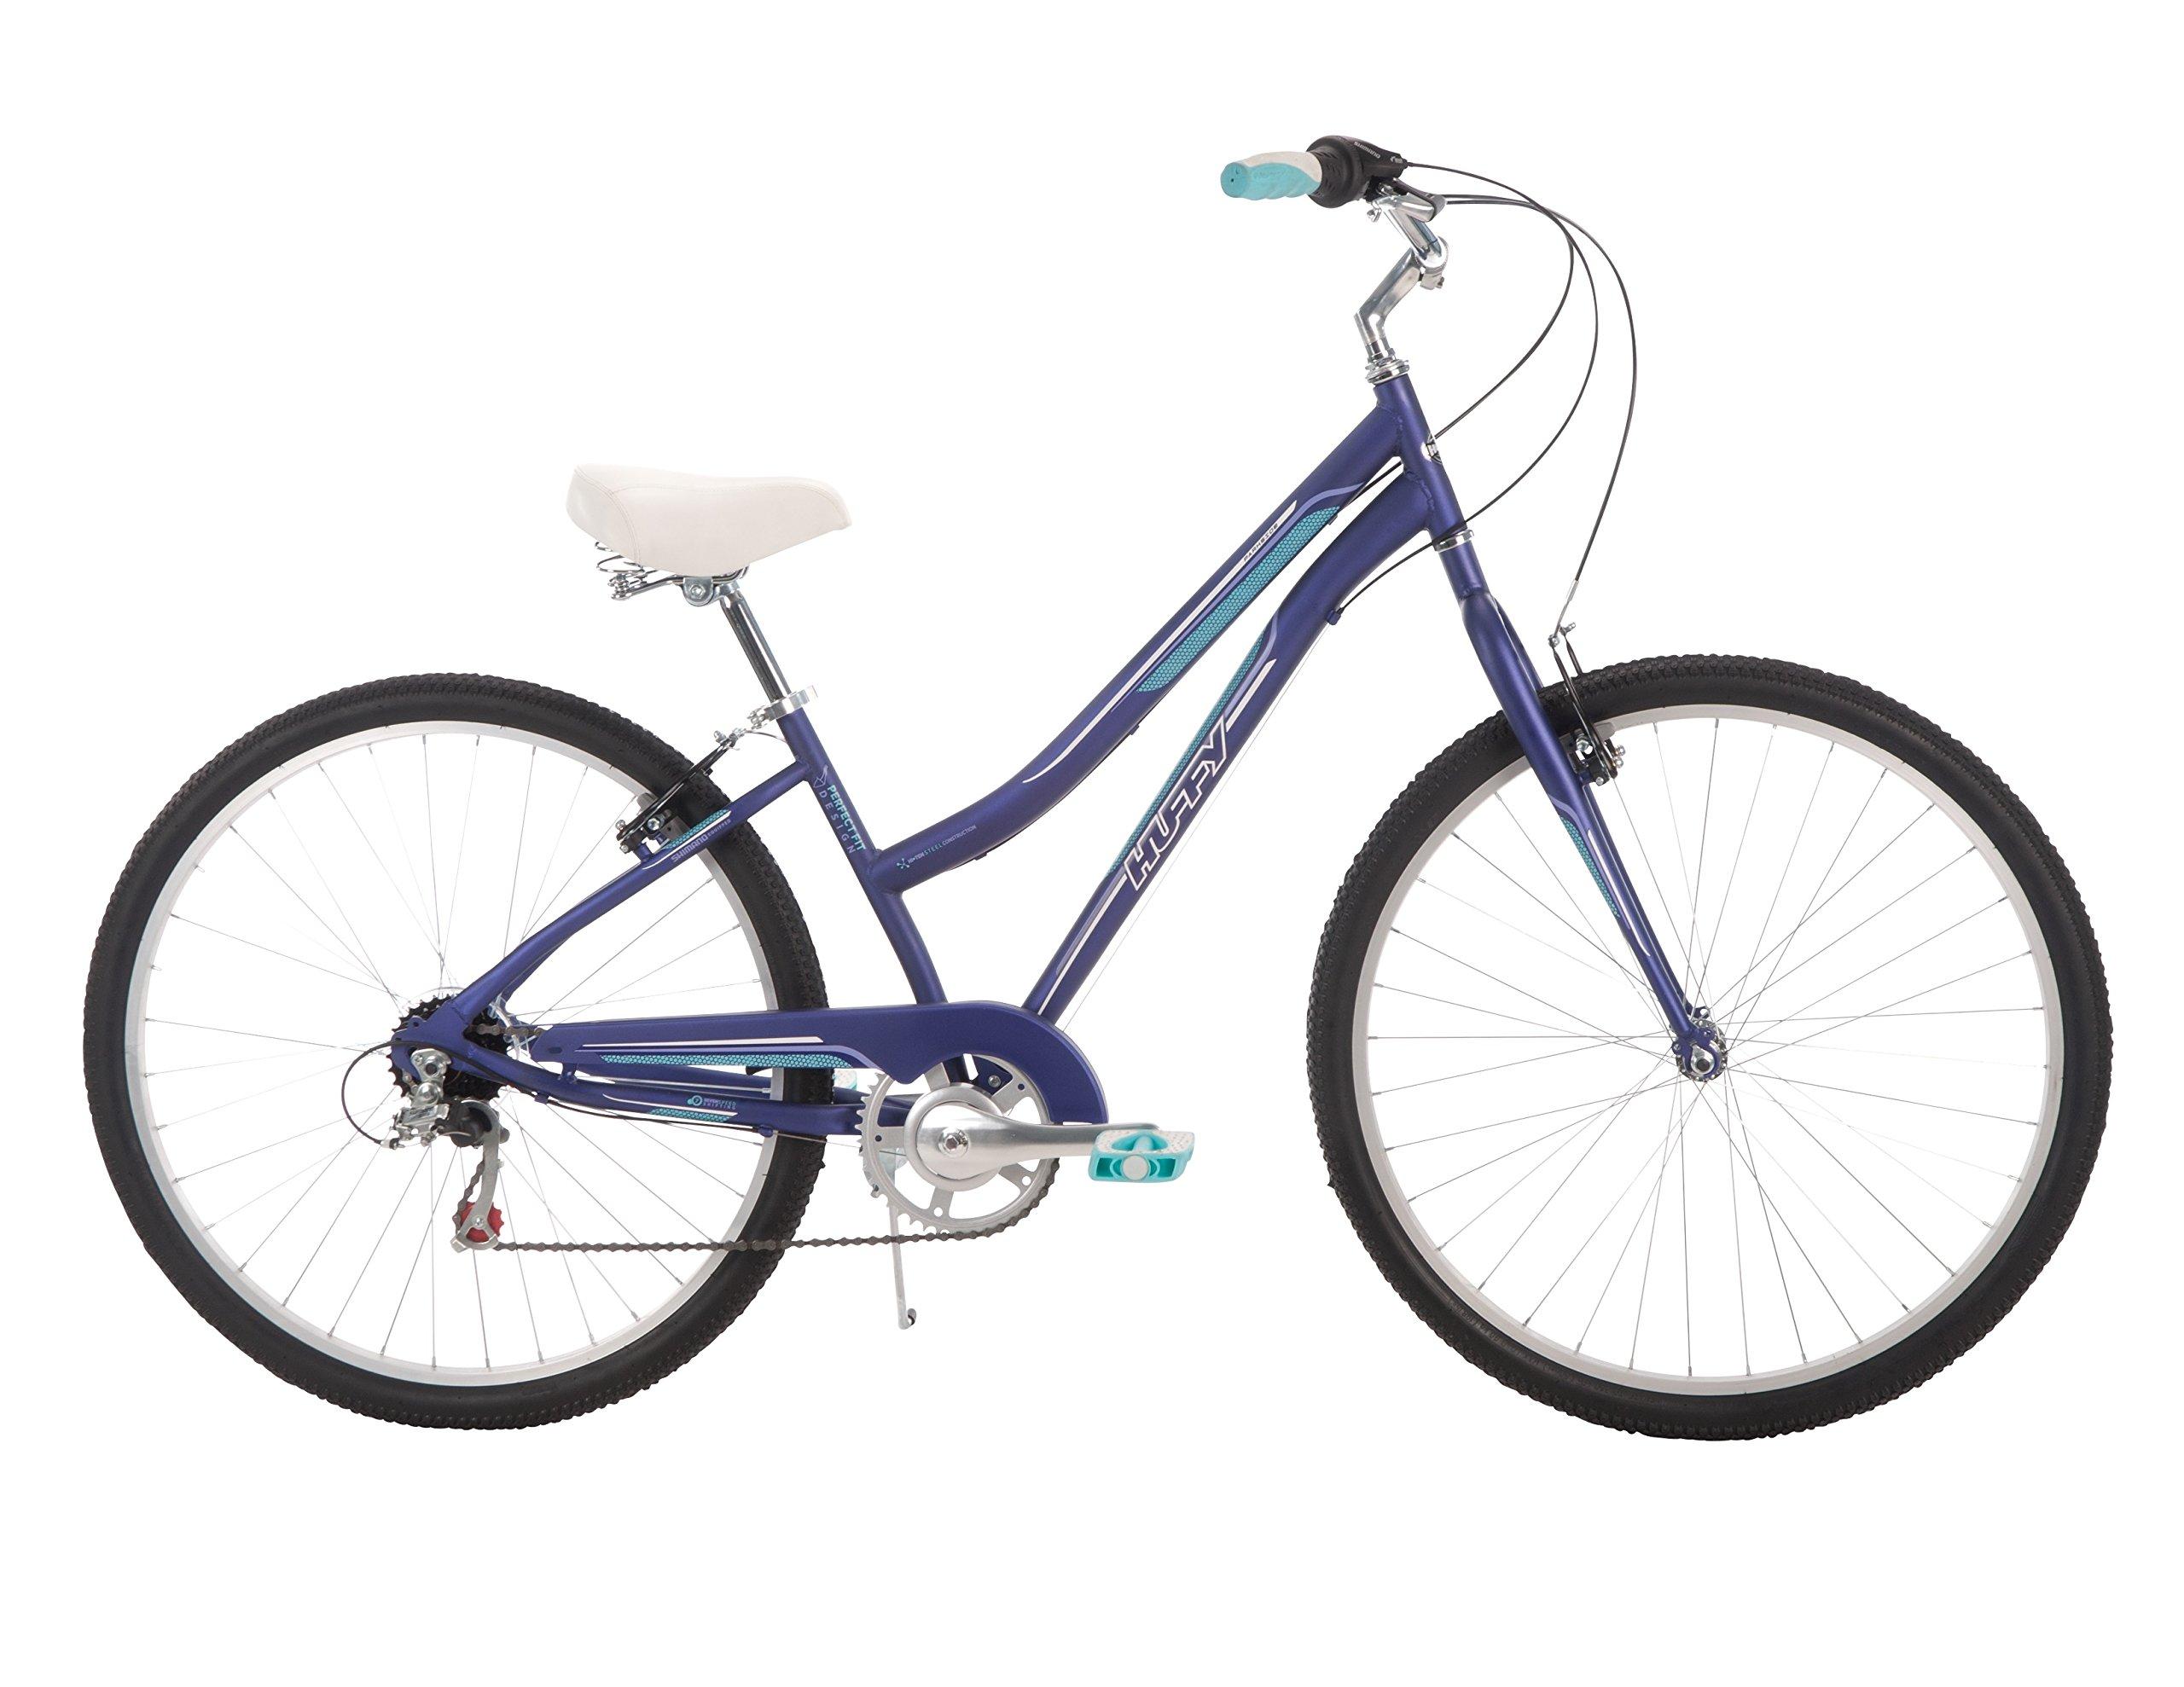 Huffy Lady's Parkside City Bike, 27.5 inch